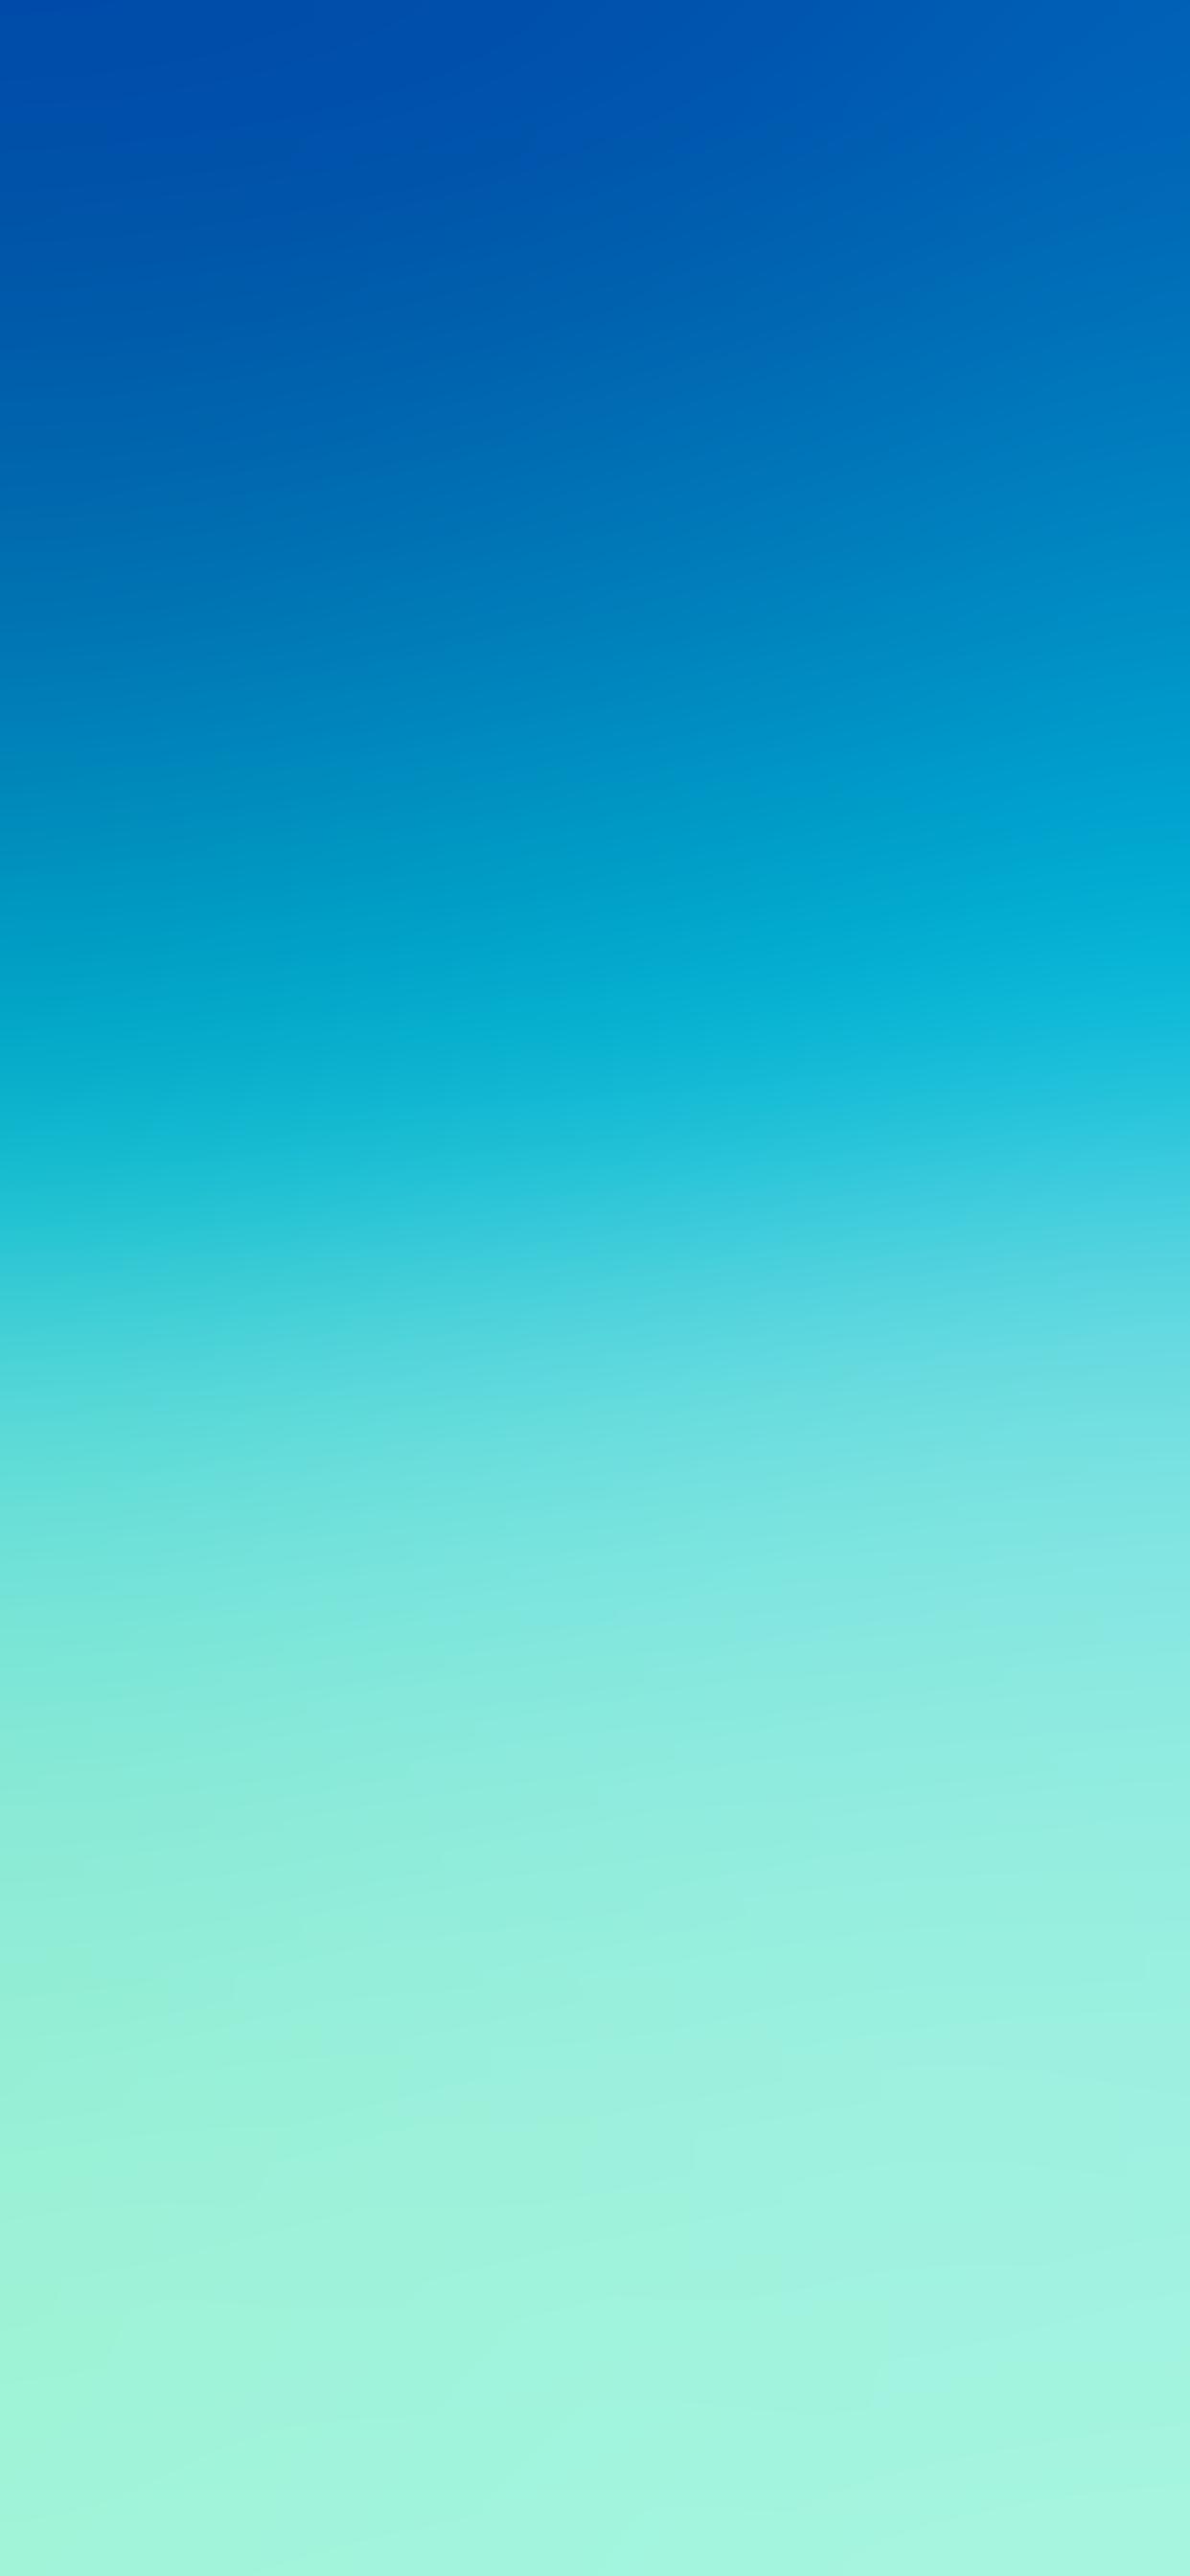 iPhone wallpaper gradient blue white Gradient Colors